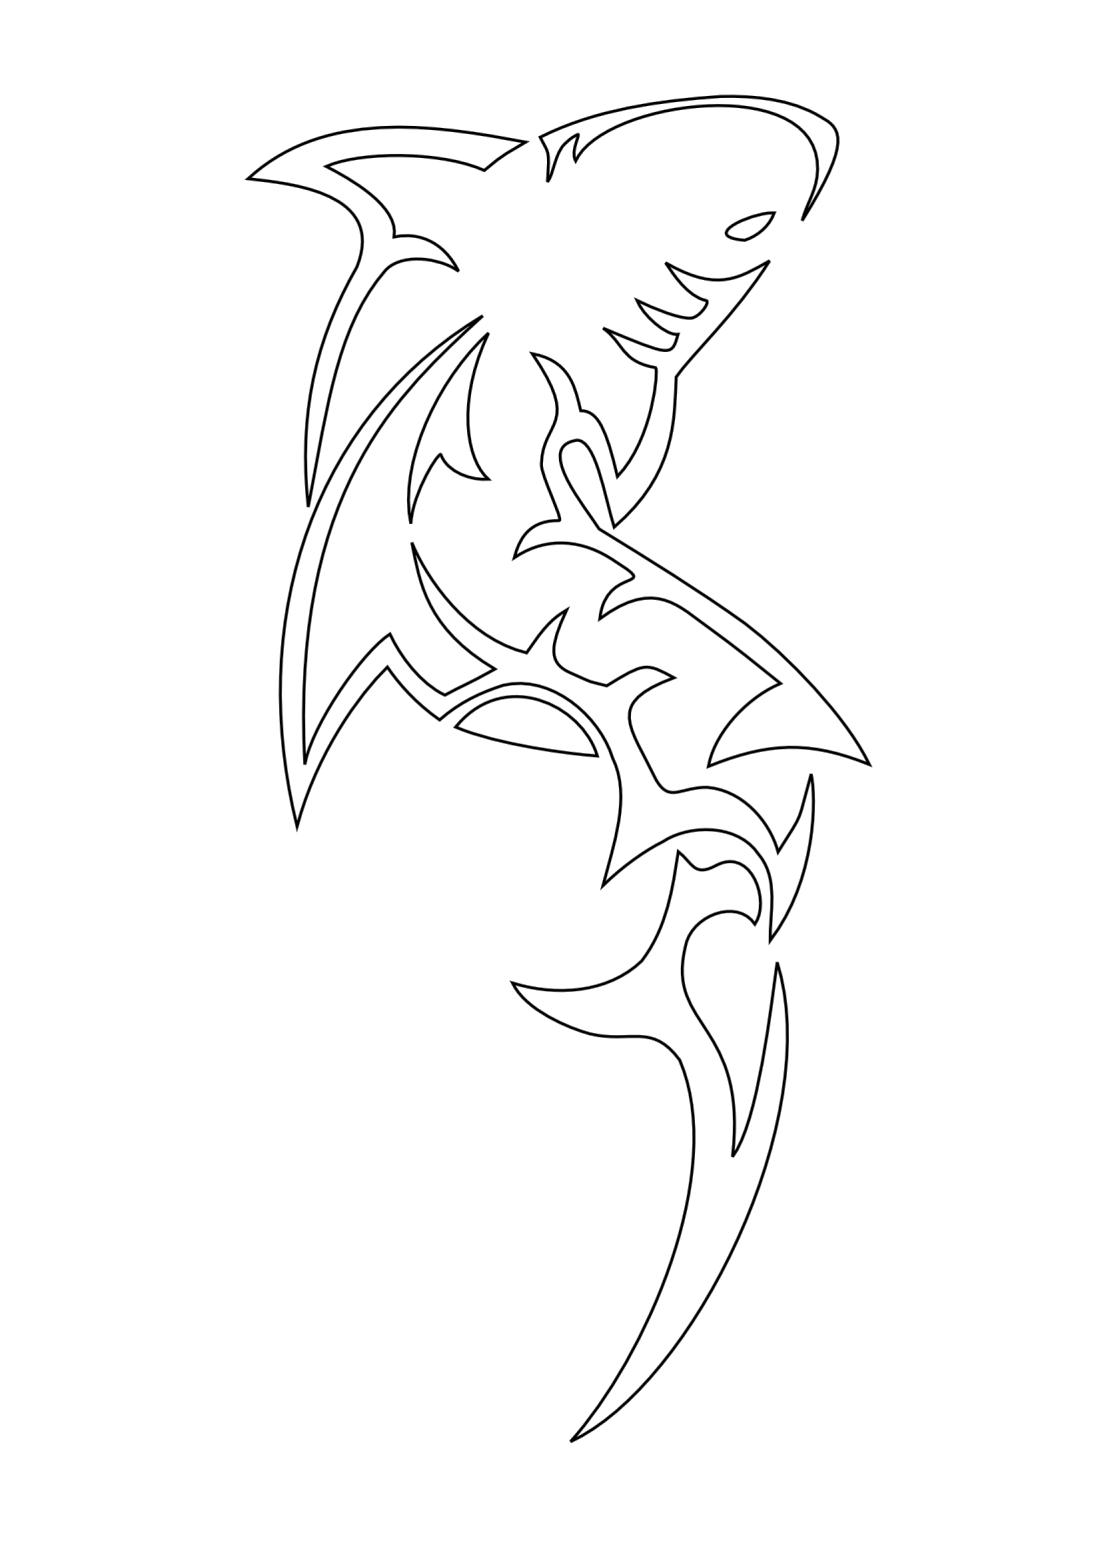 Shark Maori tribal tattoo stencil